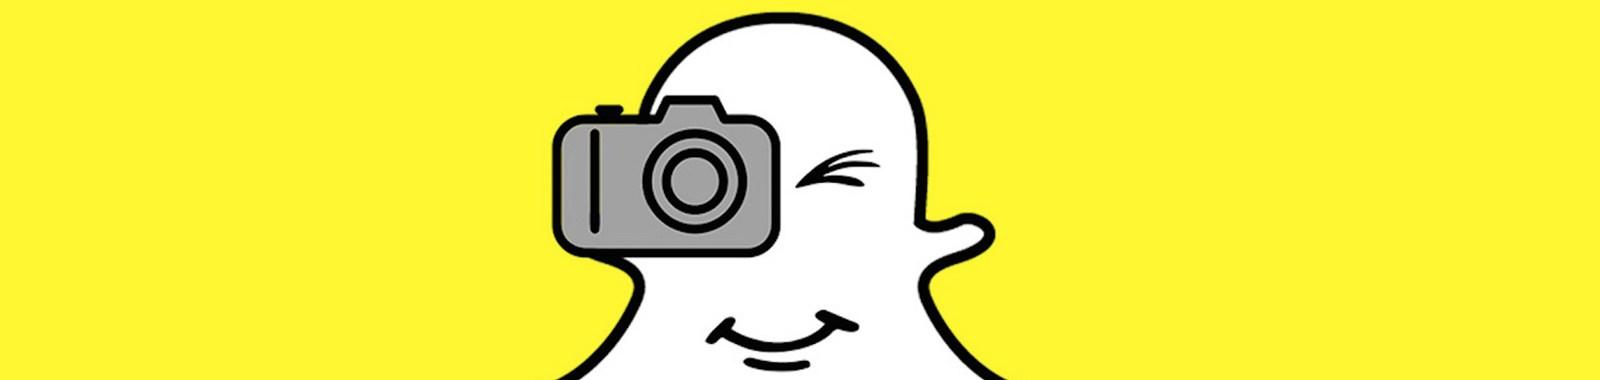 Snapchat-camera-eye